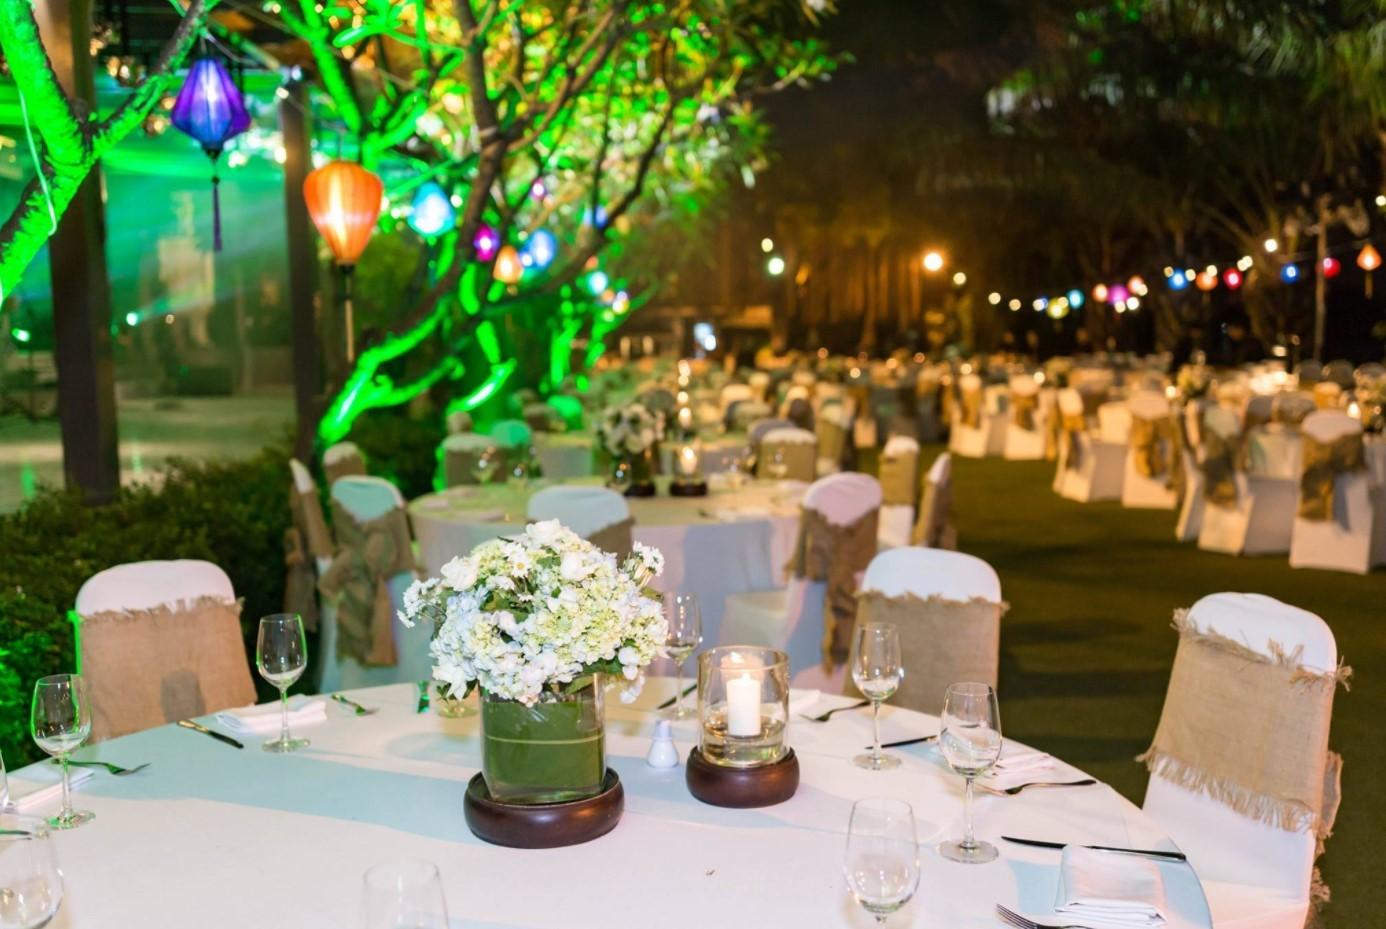 Địa điểm tổ chức gala dinner ngoài trời - Luxtour 14